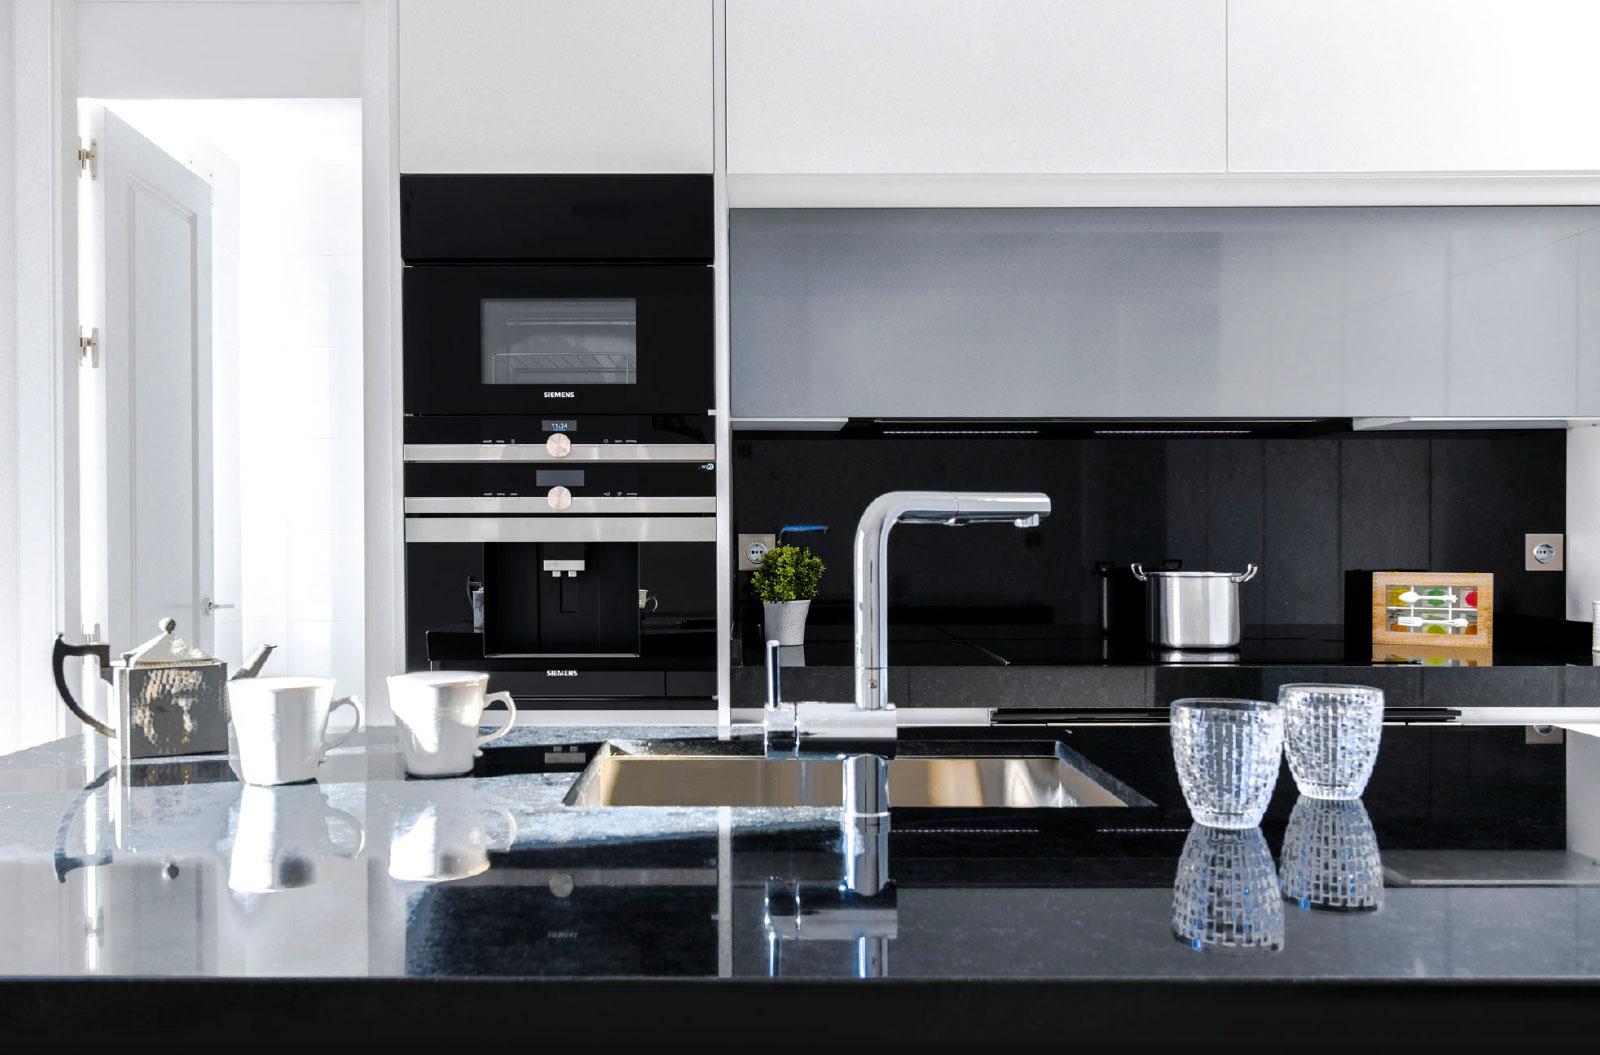 La cocina ideal es la que se adapta mejor a los gustos, deseos y ...